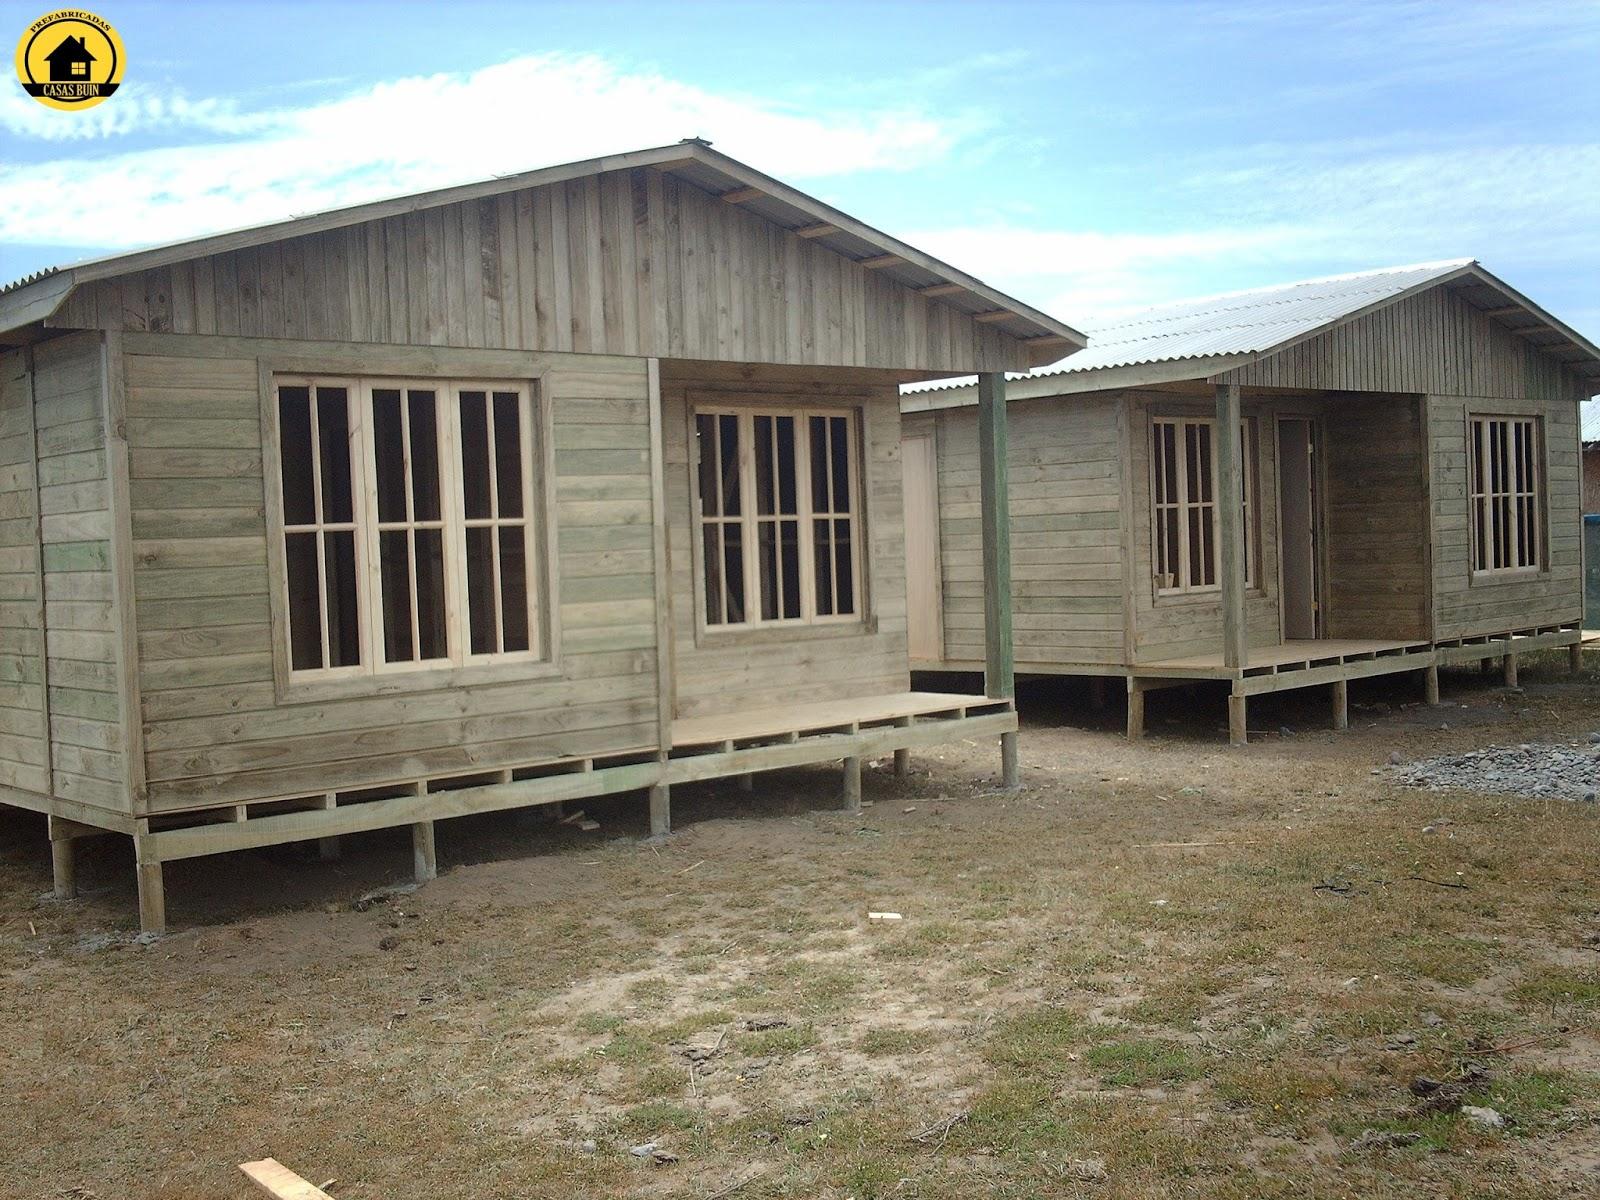 Casas prefabricadas buin en chile casas prefabricadas - Precios de casas prefabricadas ...